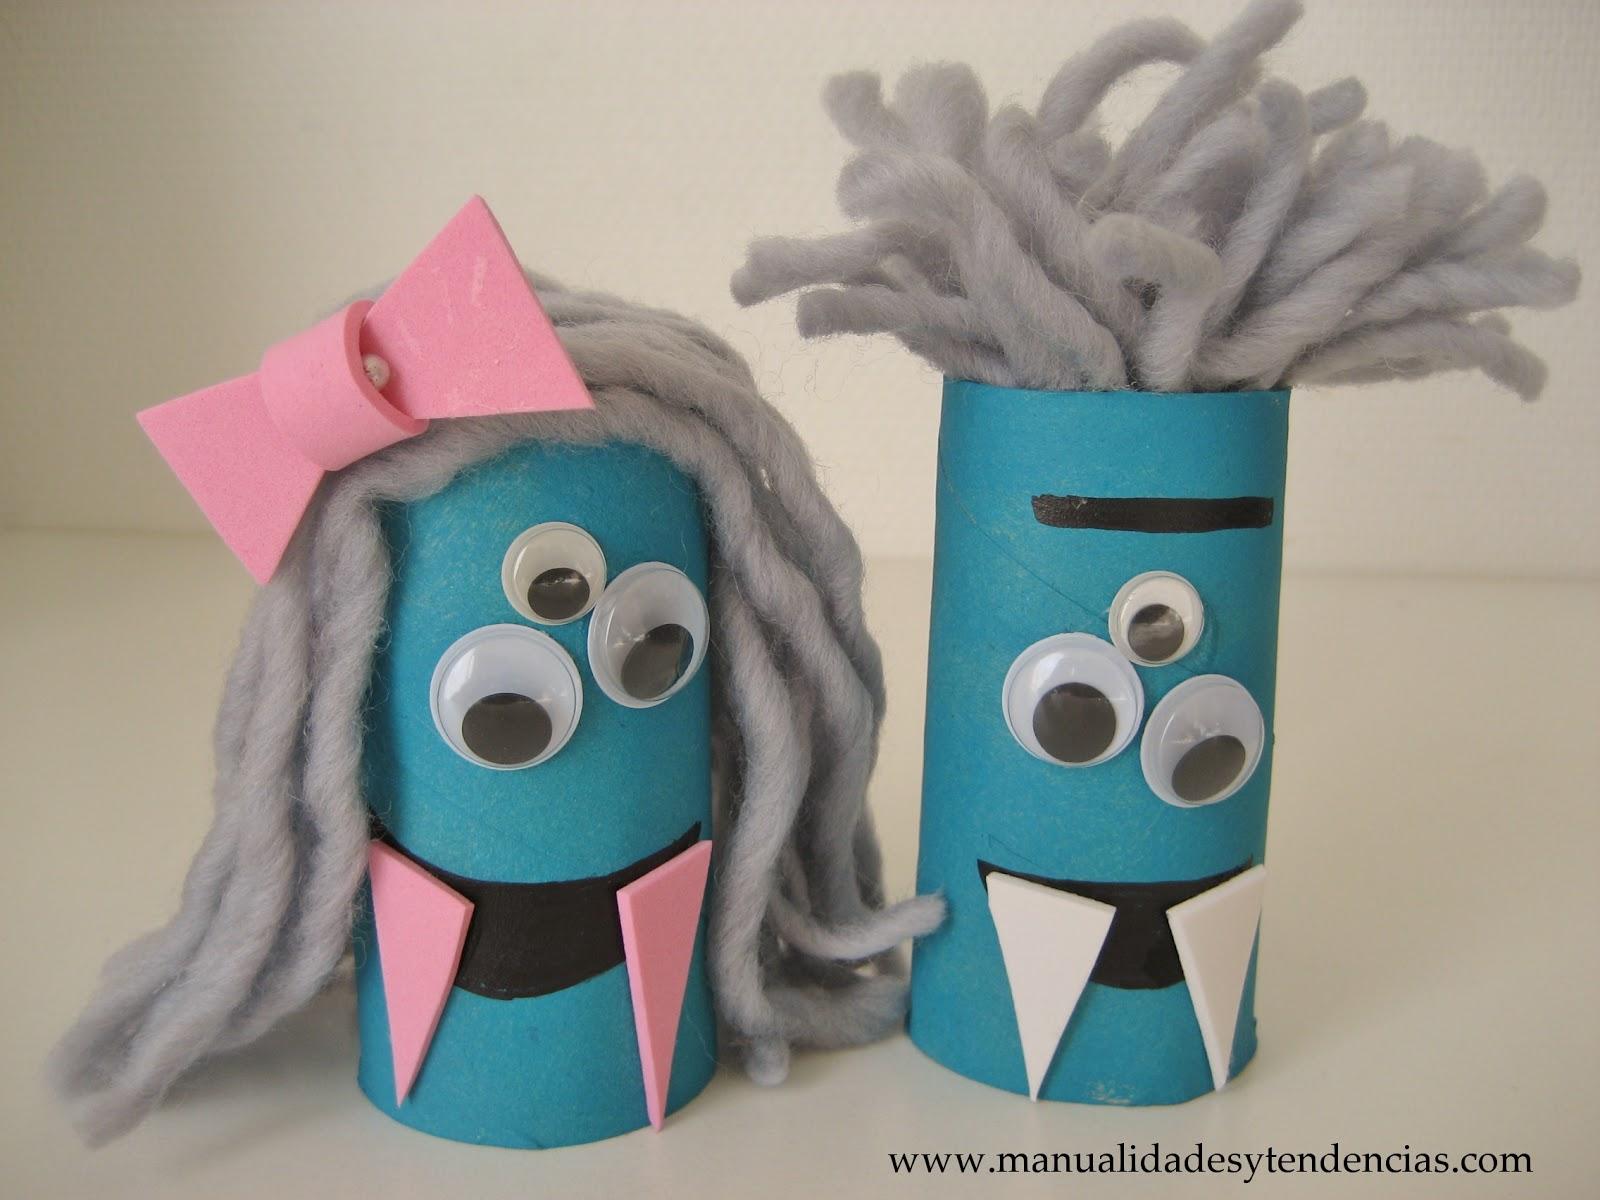 Manualidades y tendencias diy monstruos de rollo de papel higi nico toilet paper roll monsters - Manualidades rollos de papel higienico ...